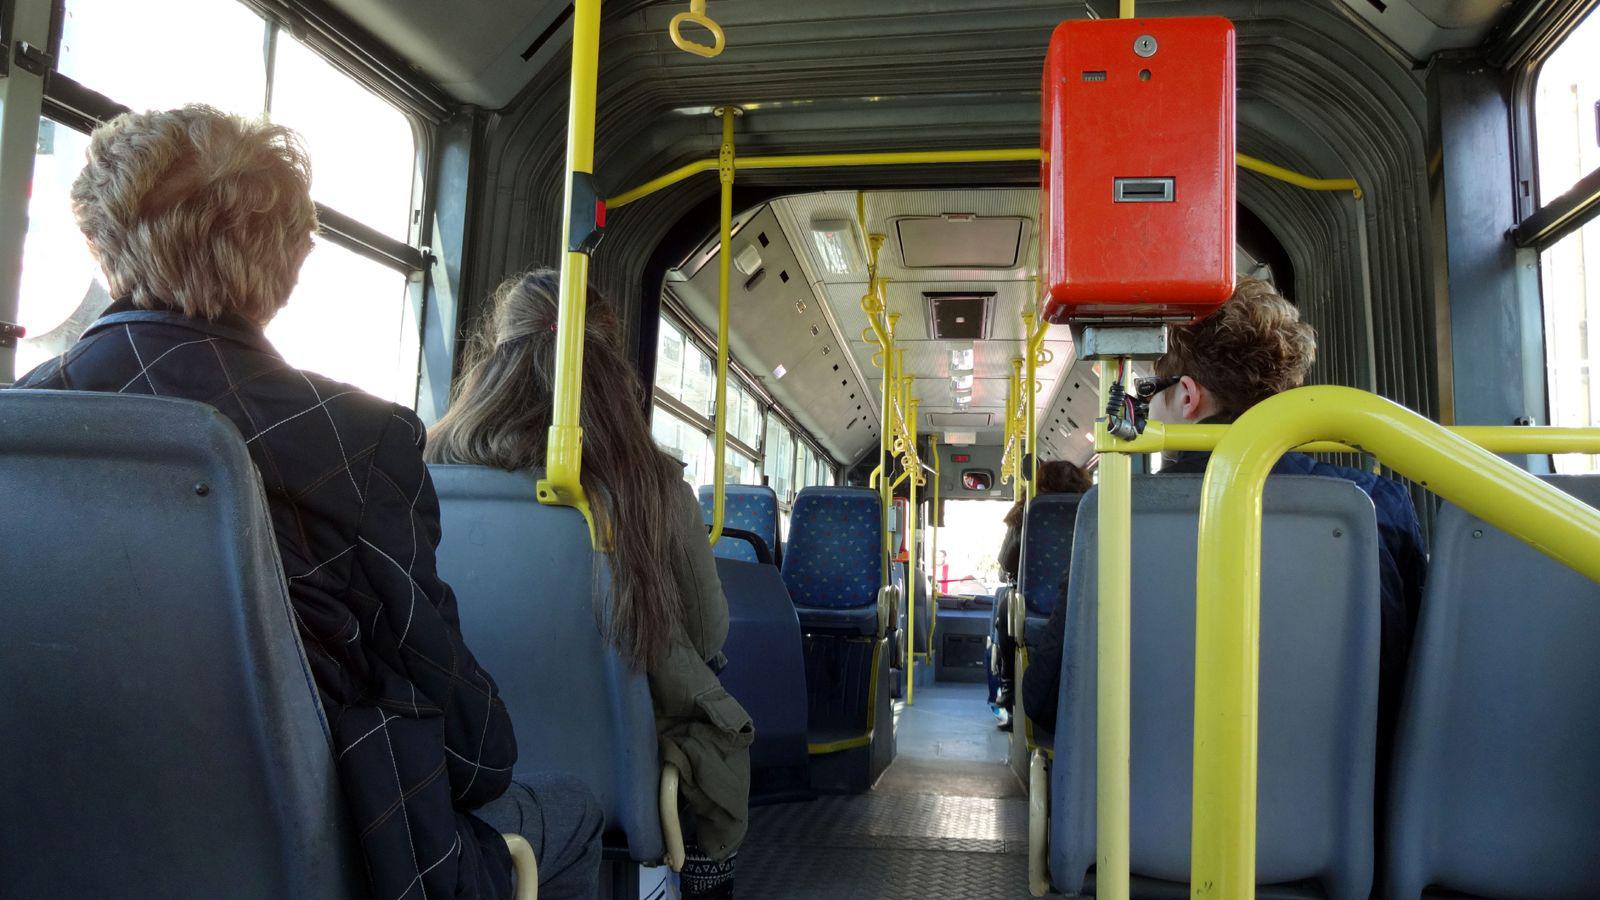 Οδηγός λεωφορείου βρίζει χυδαία δύο γυναίκες – Μετά την καταγγελία οδηγήθηκε στο πειθαρχικό [vid]